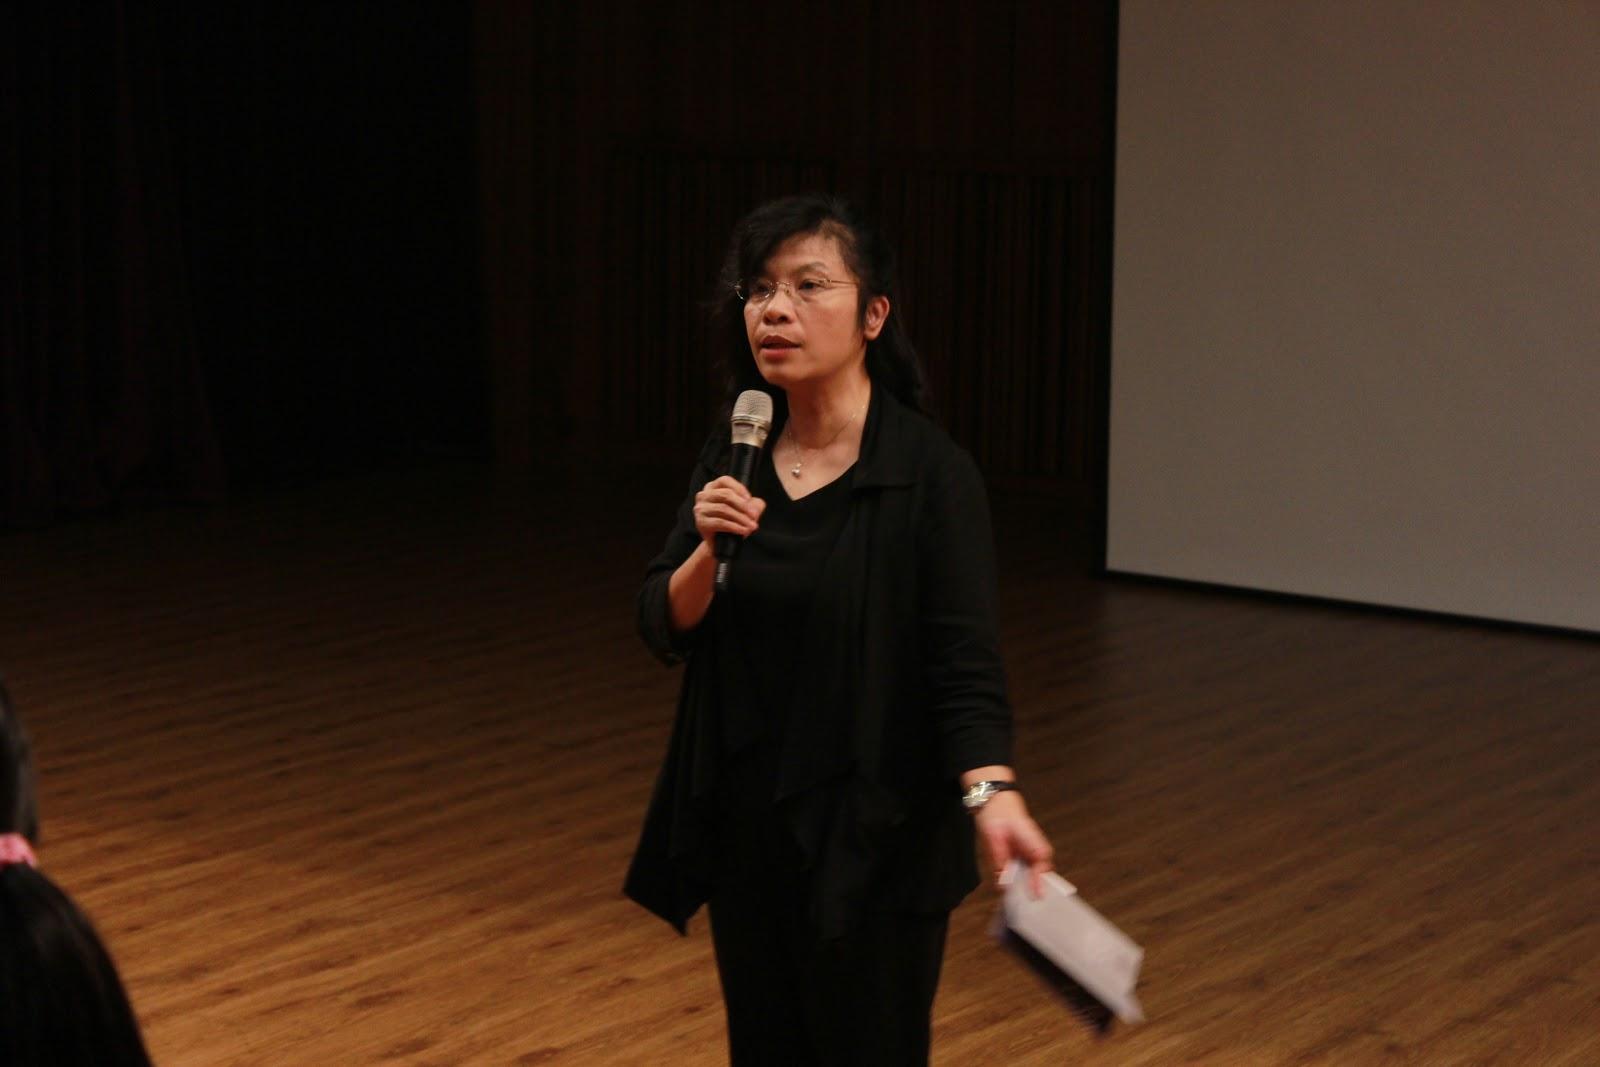 計畫名稱:文化部科技與表演藝術媒合服務中心計畫